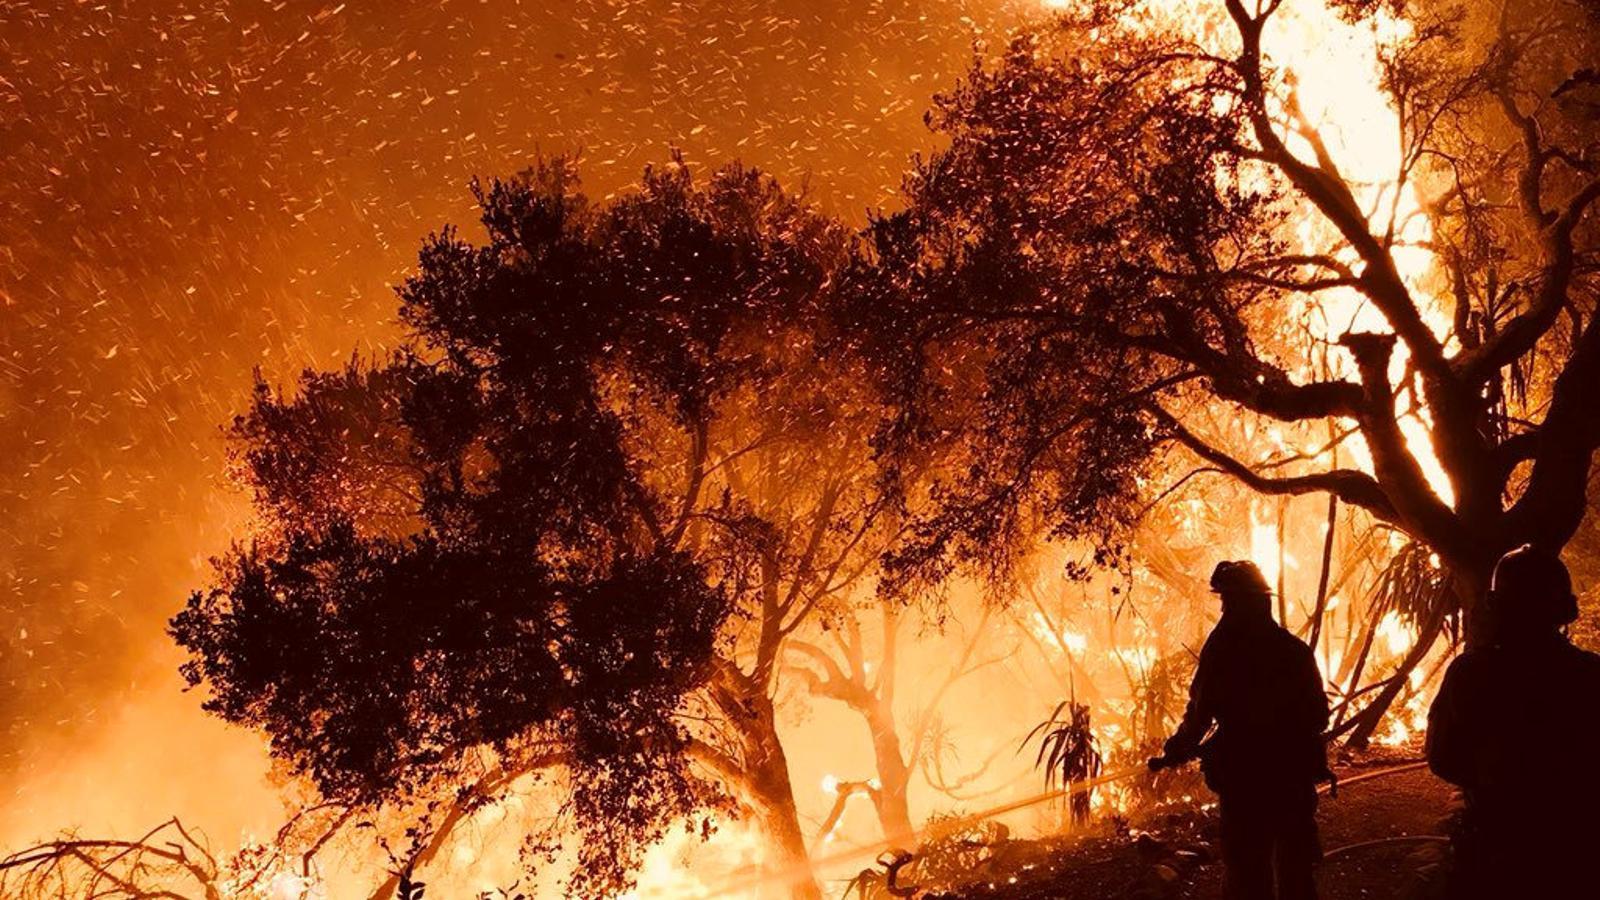 Les flames avancen sense control pel sud de l'estat de Califòrnia